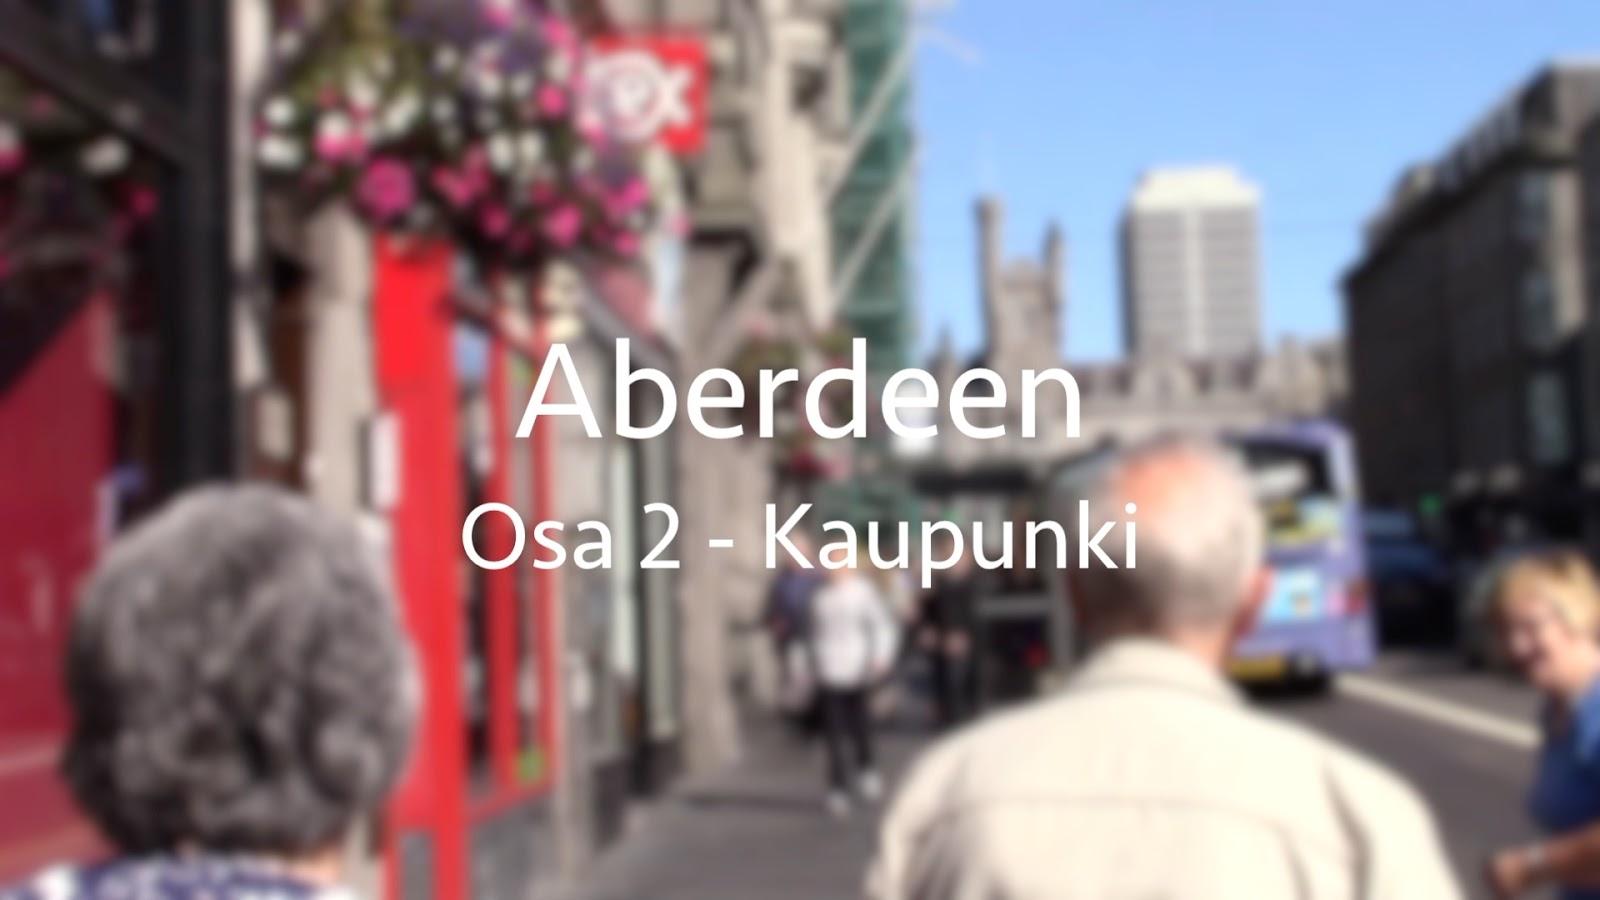 Aberdeenin Yliopisto